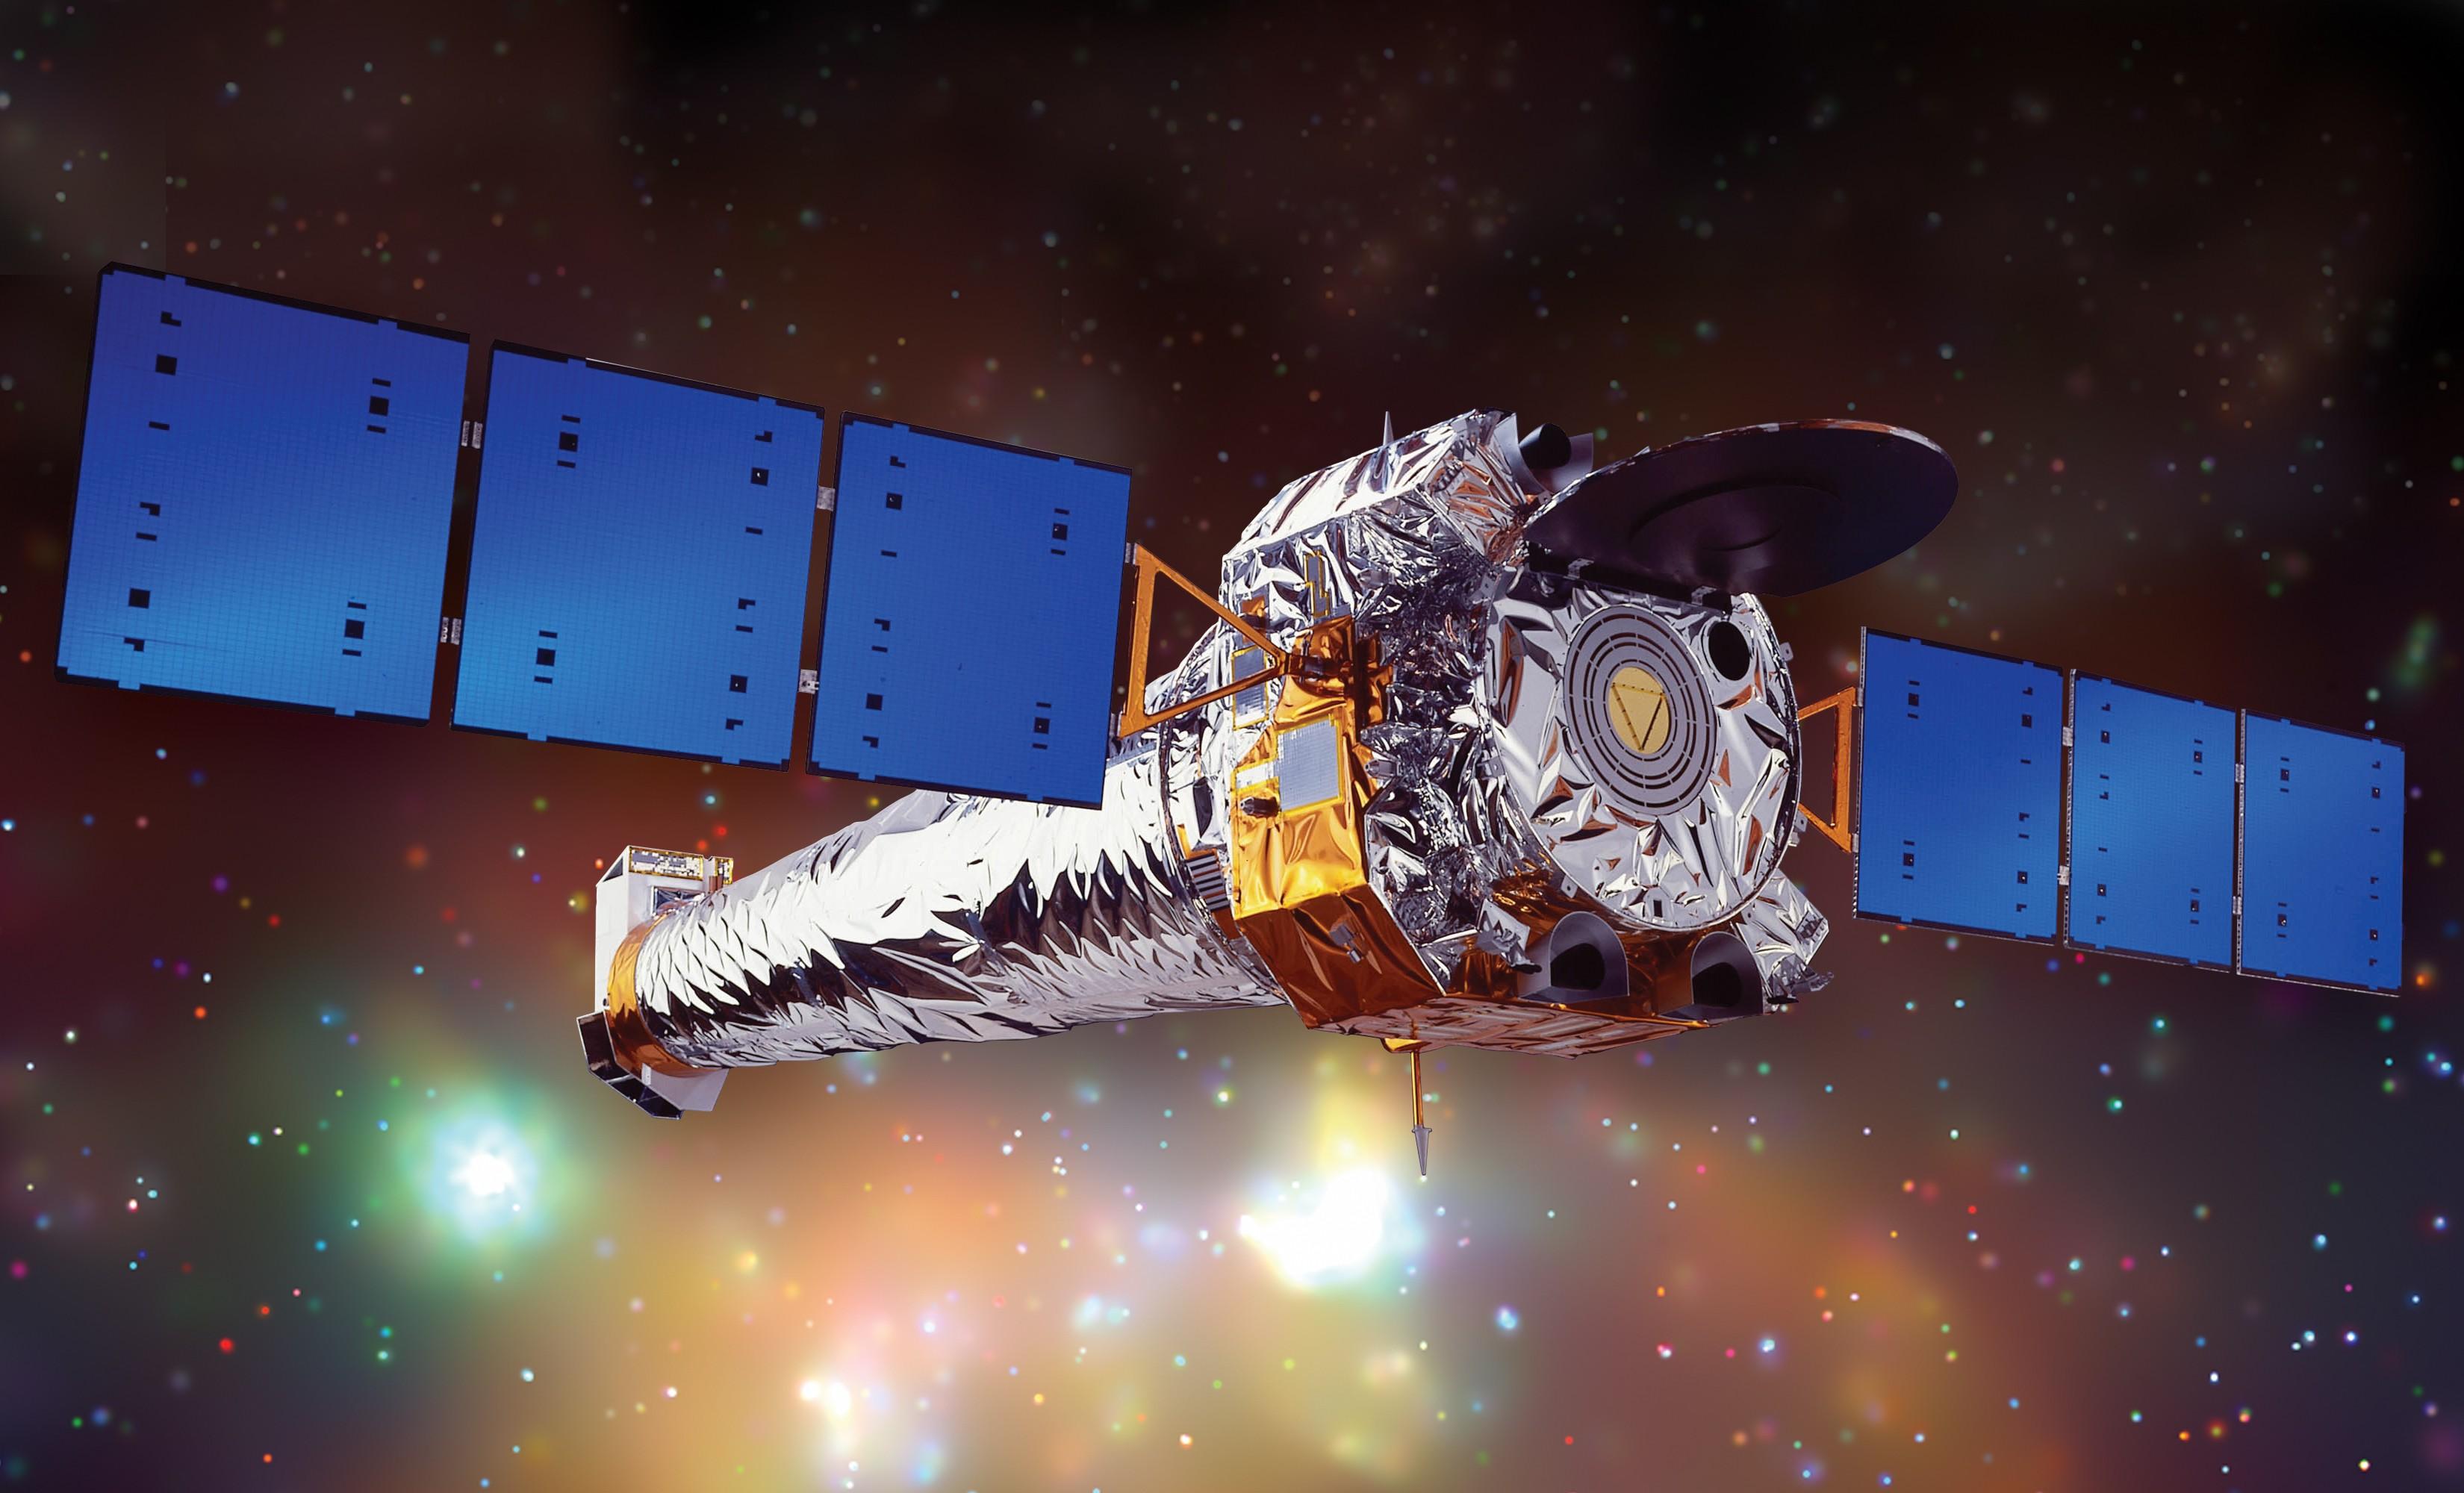 Observatório Raio-X Chandra parou de funcionar na mesma semana que o Hubble (Foto: NASA)